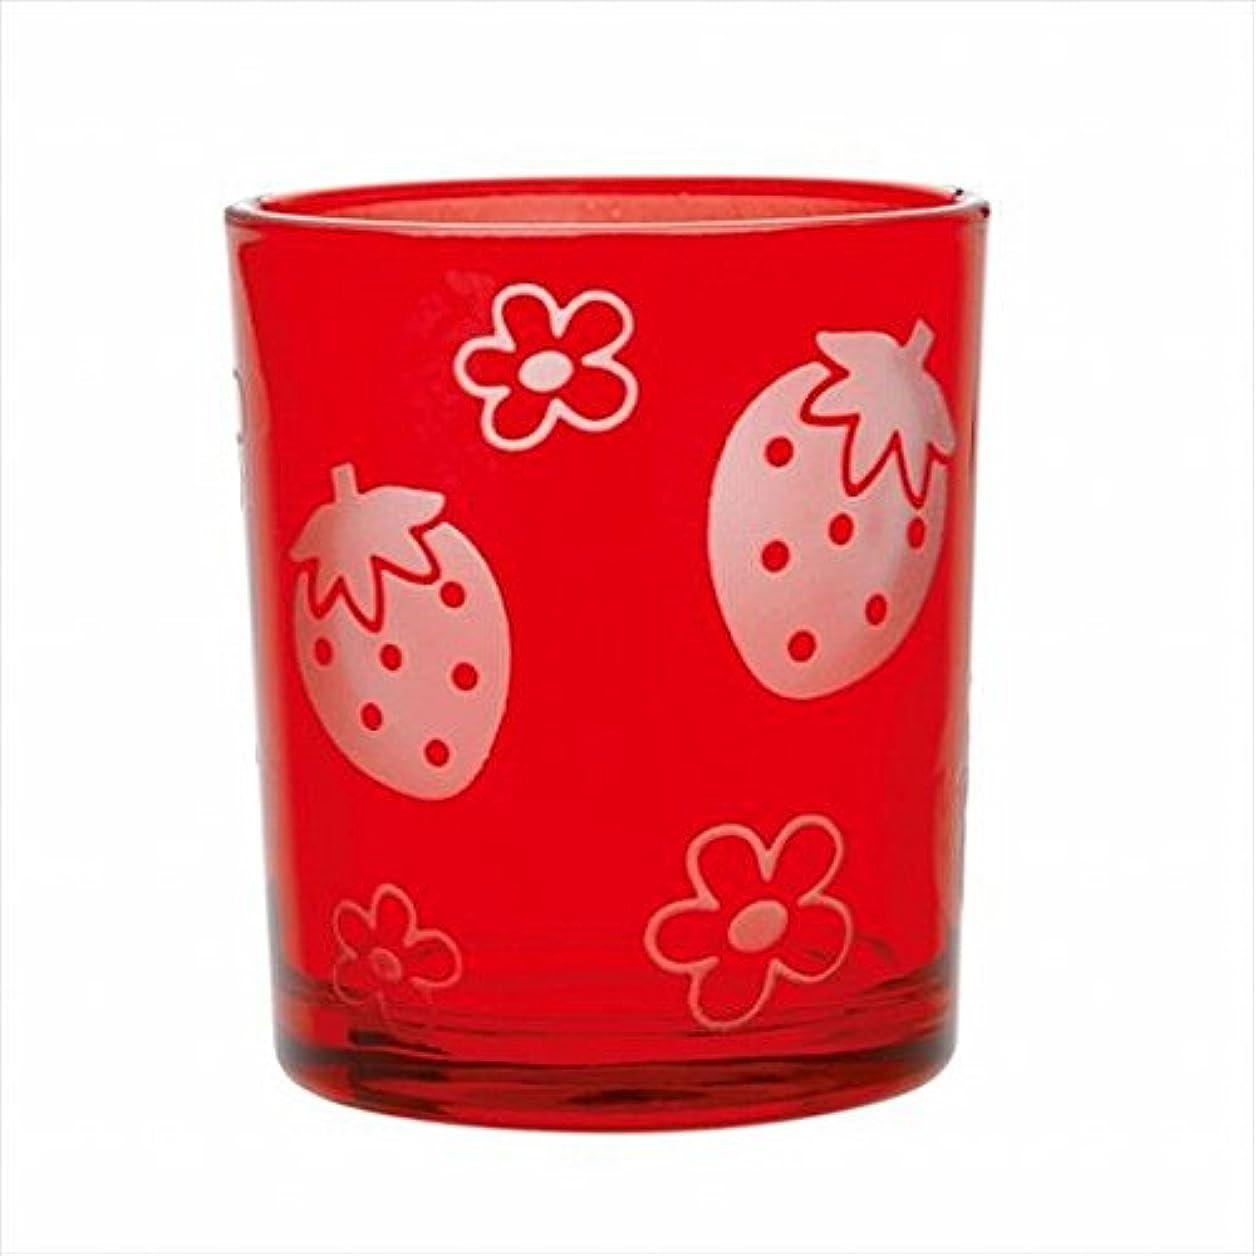 走る口変色するsweets candle いちごフロストカップ 「 レッド 」